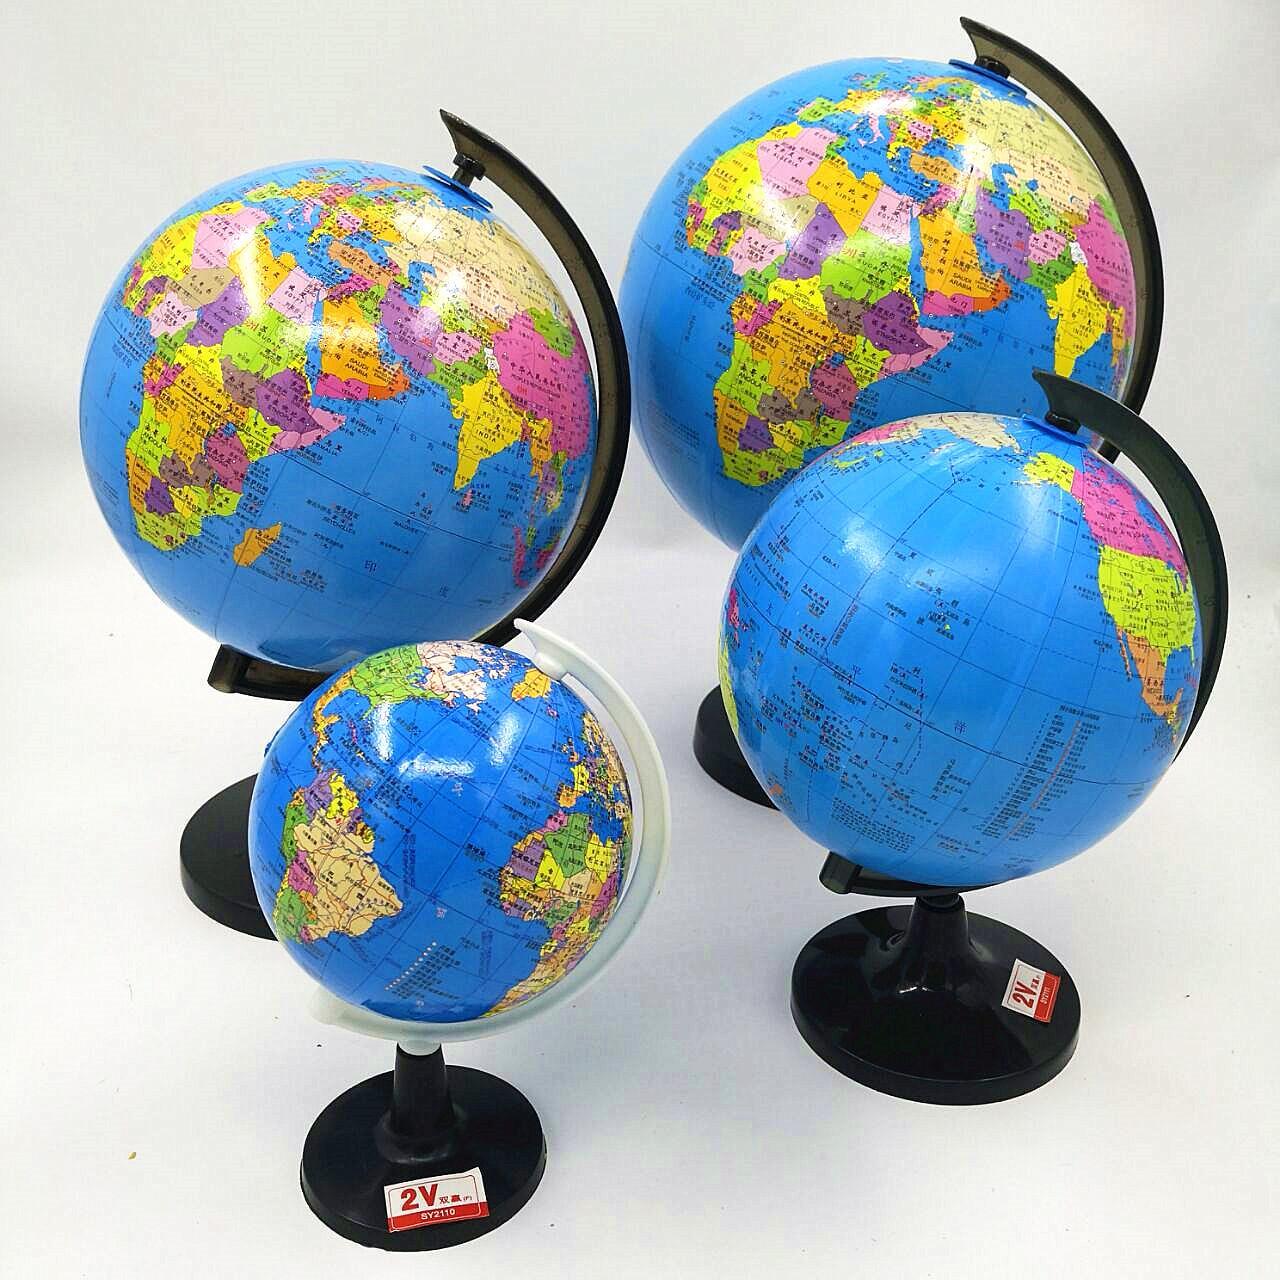 Mua Quả địa cầu cho bé - giúp bé học địa lý tốt hơn